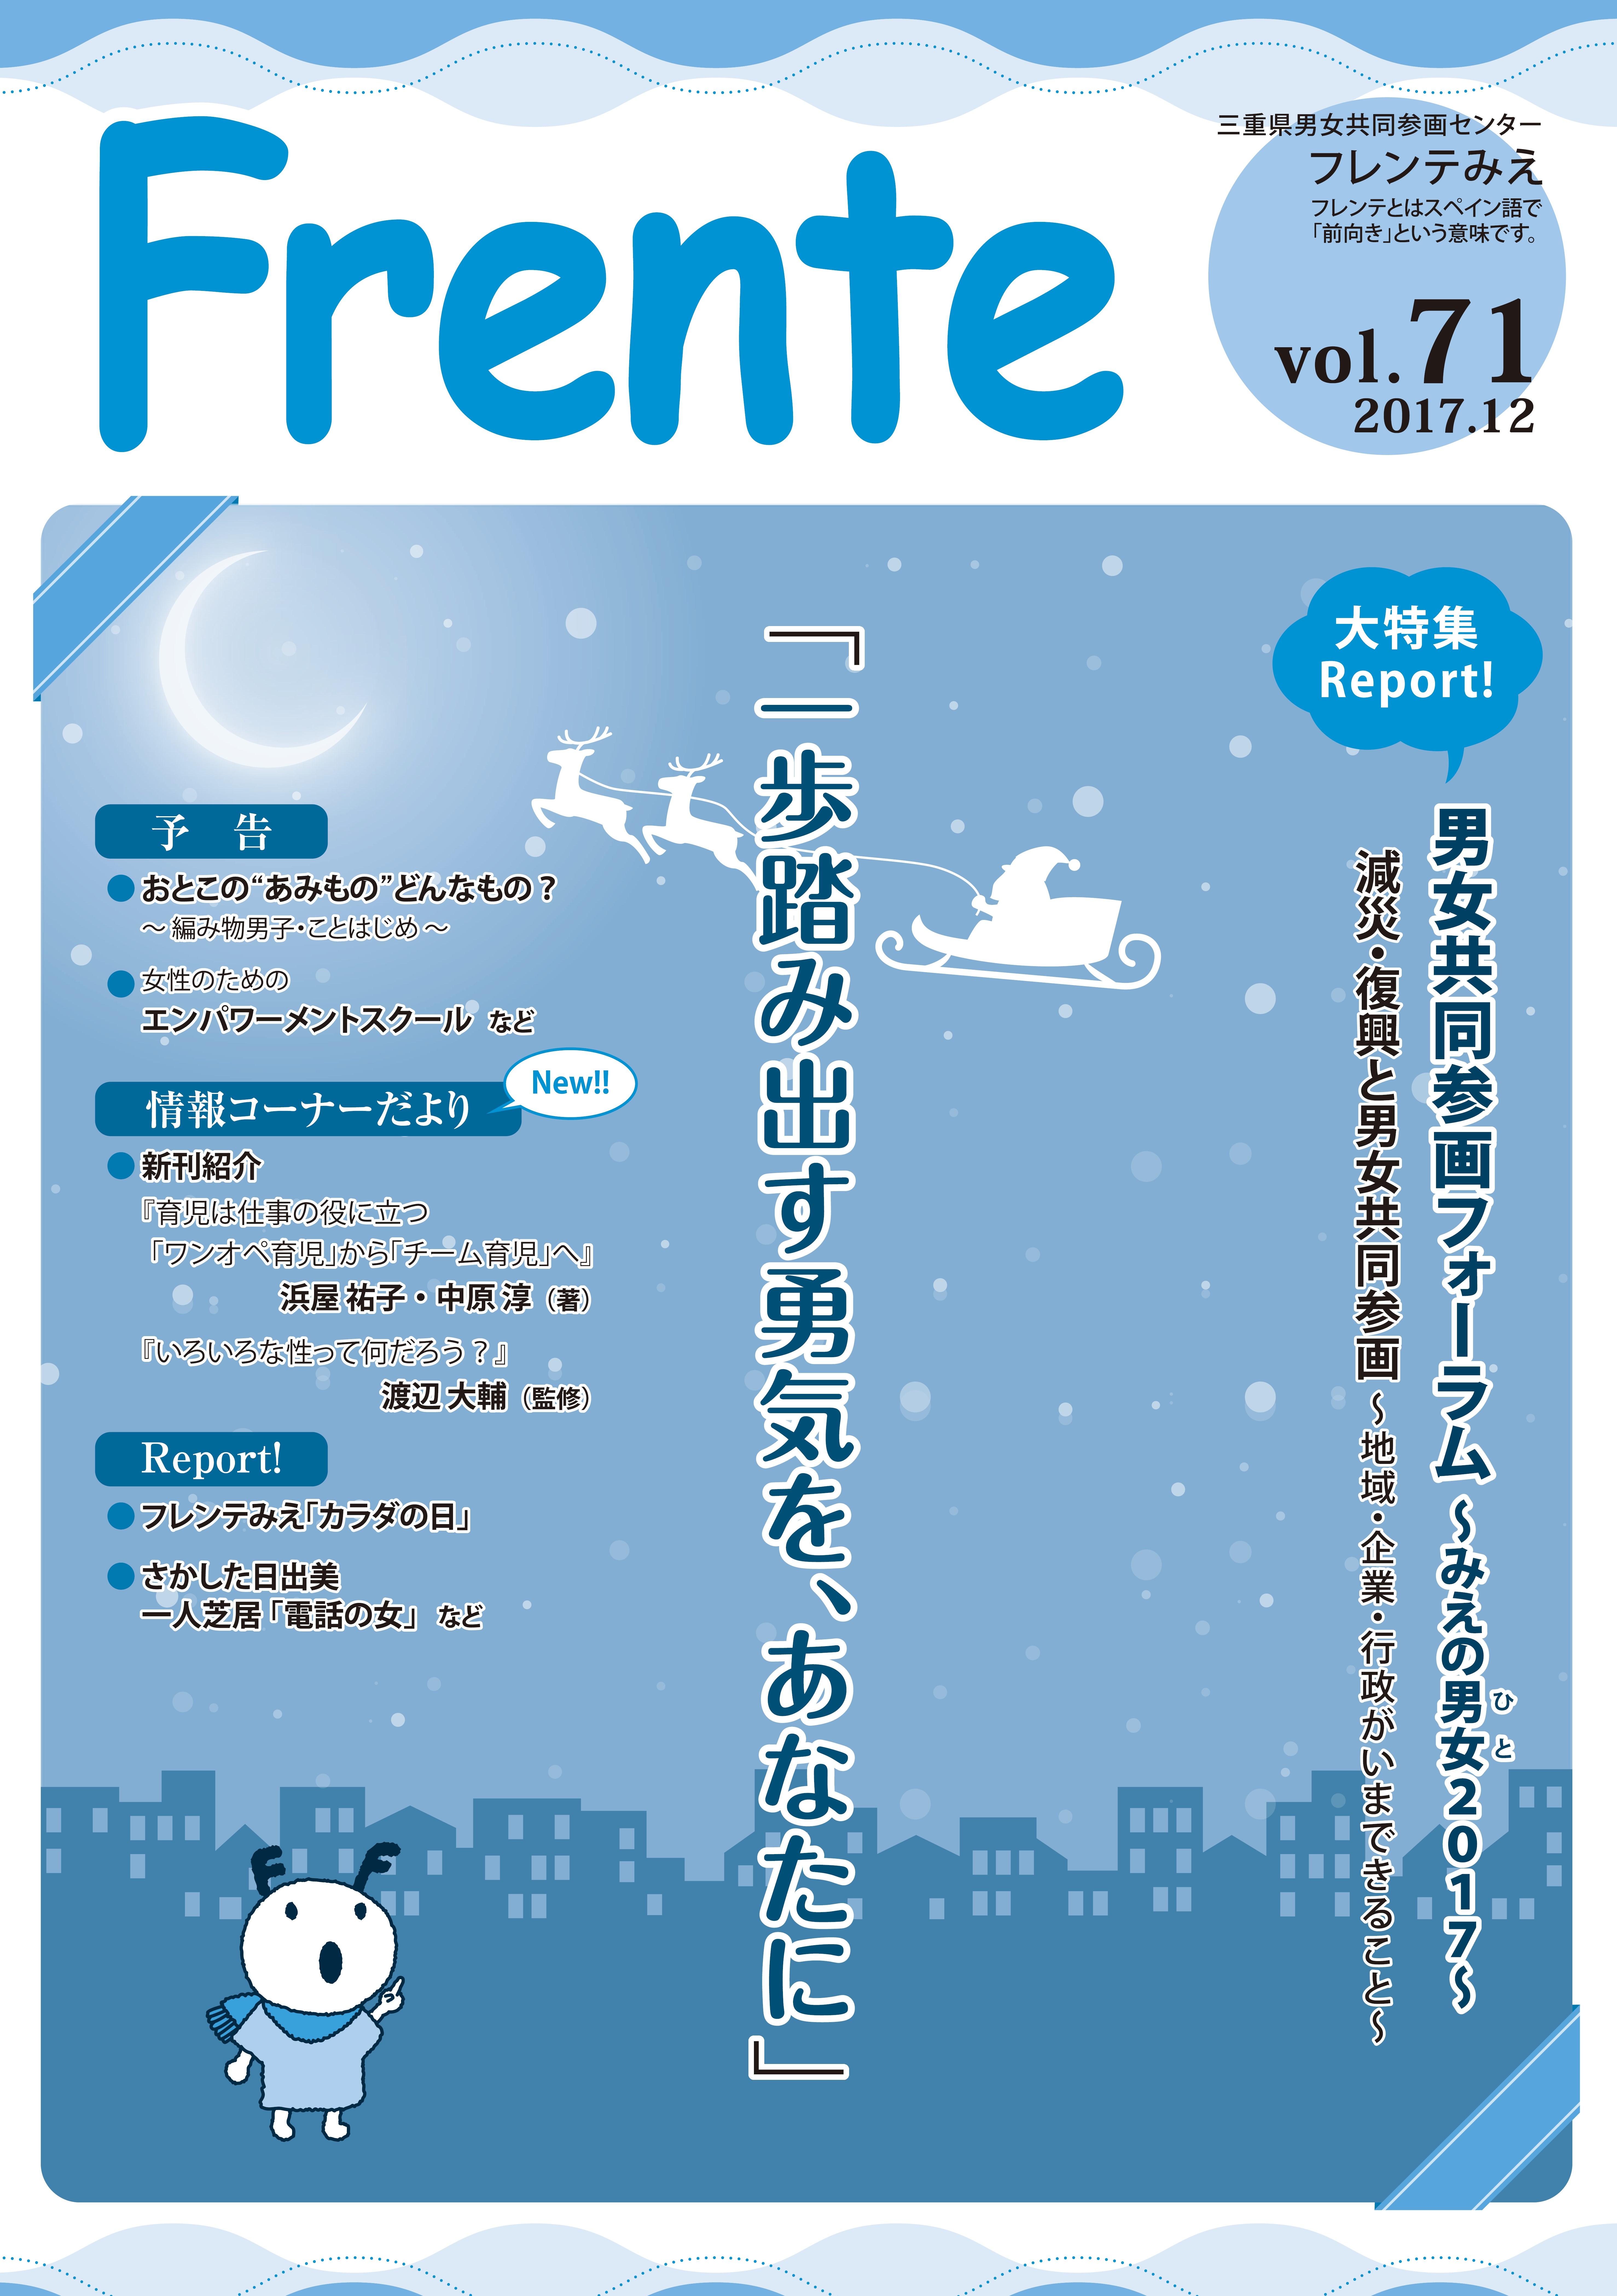 情報誌「Frente」vol.70